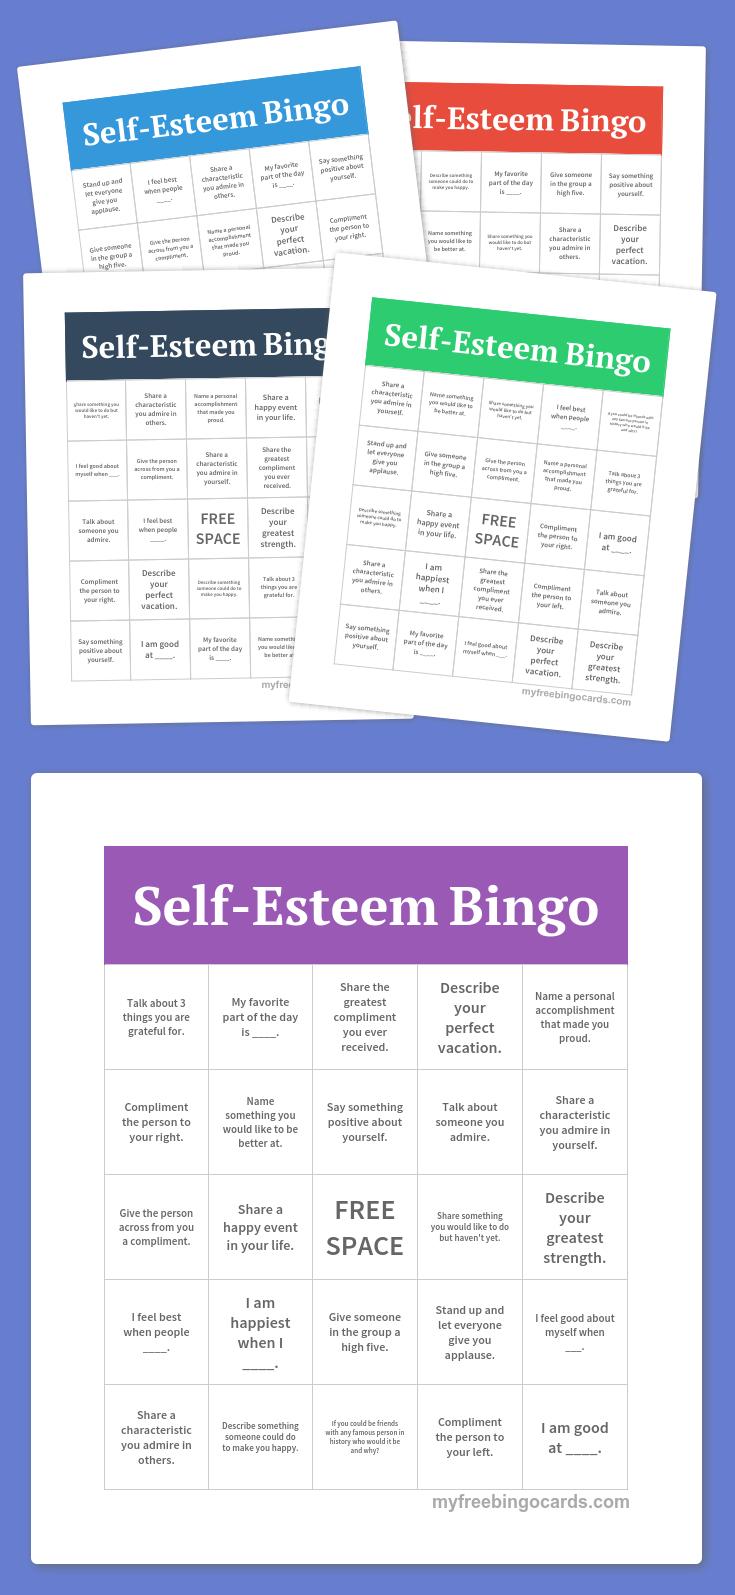 Self-Esteem Bingo   Group Ideas   Free Bingo Cards, Free Printable - Free Printable Self Esteem Bingo